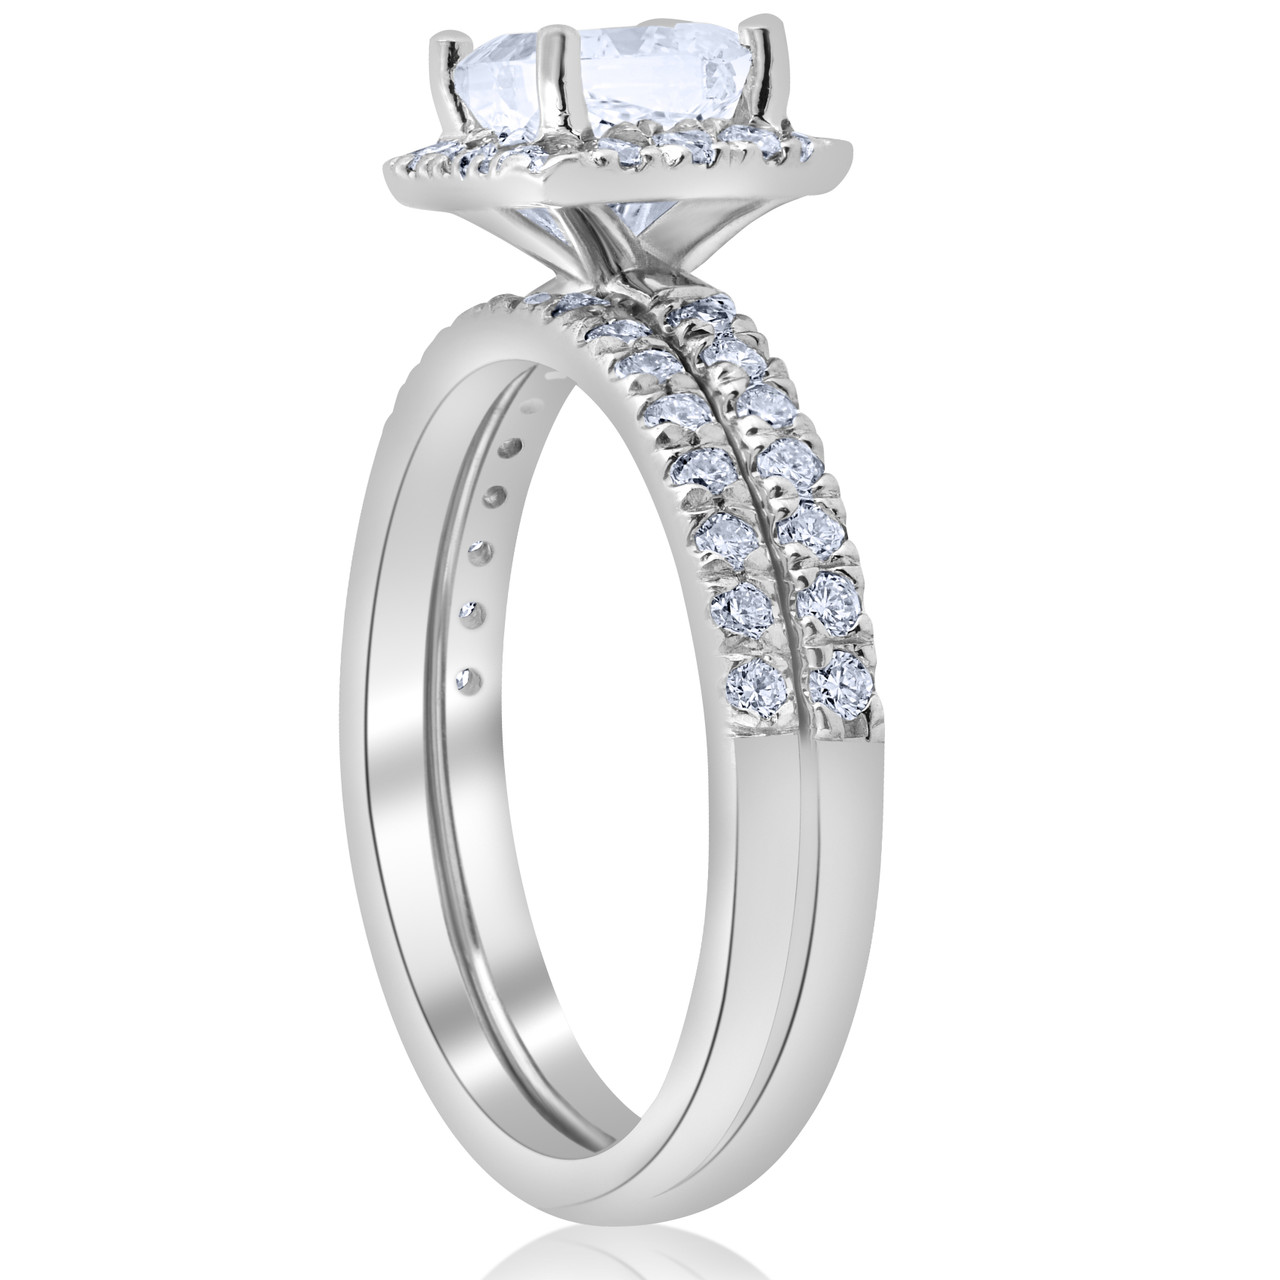 1 5 8ct Certified Princess Cut Diamond Engagement Ring Set 14k White Gold E Vs E Vs 1 Vs 2